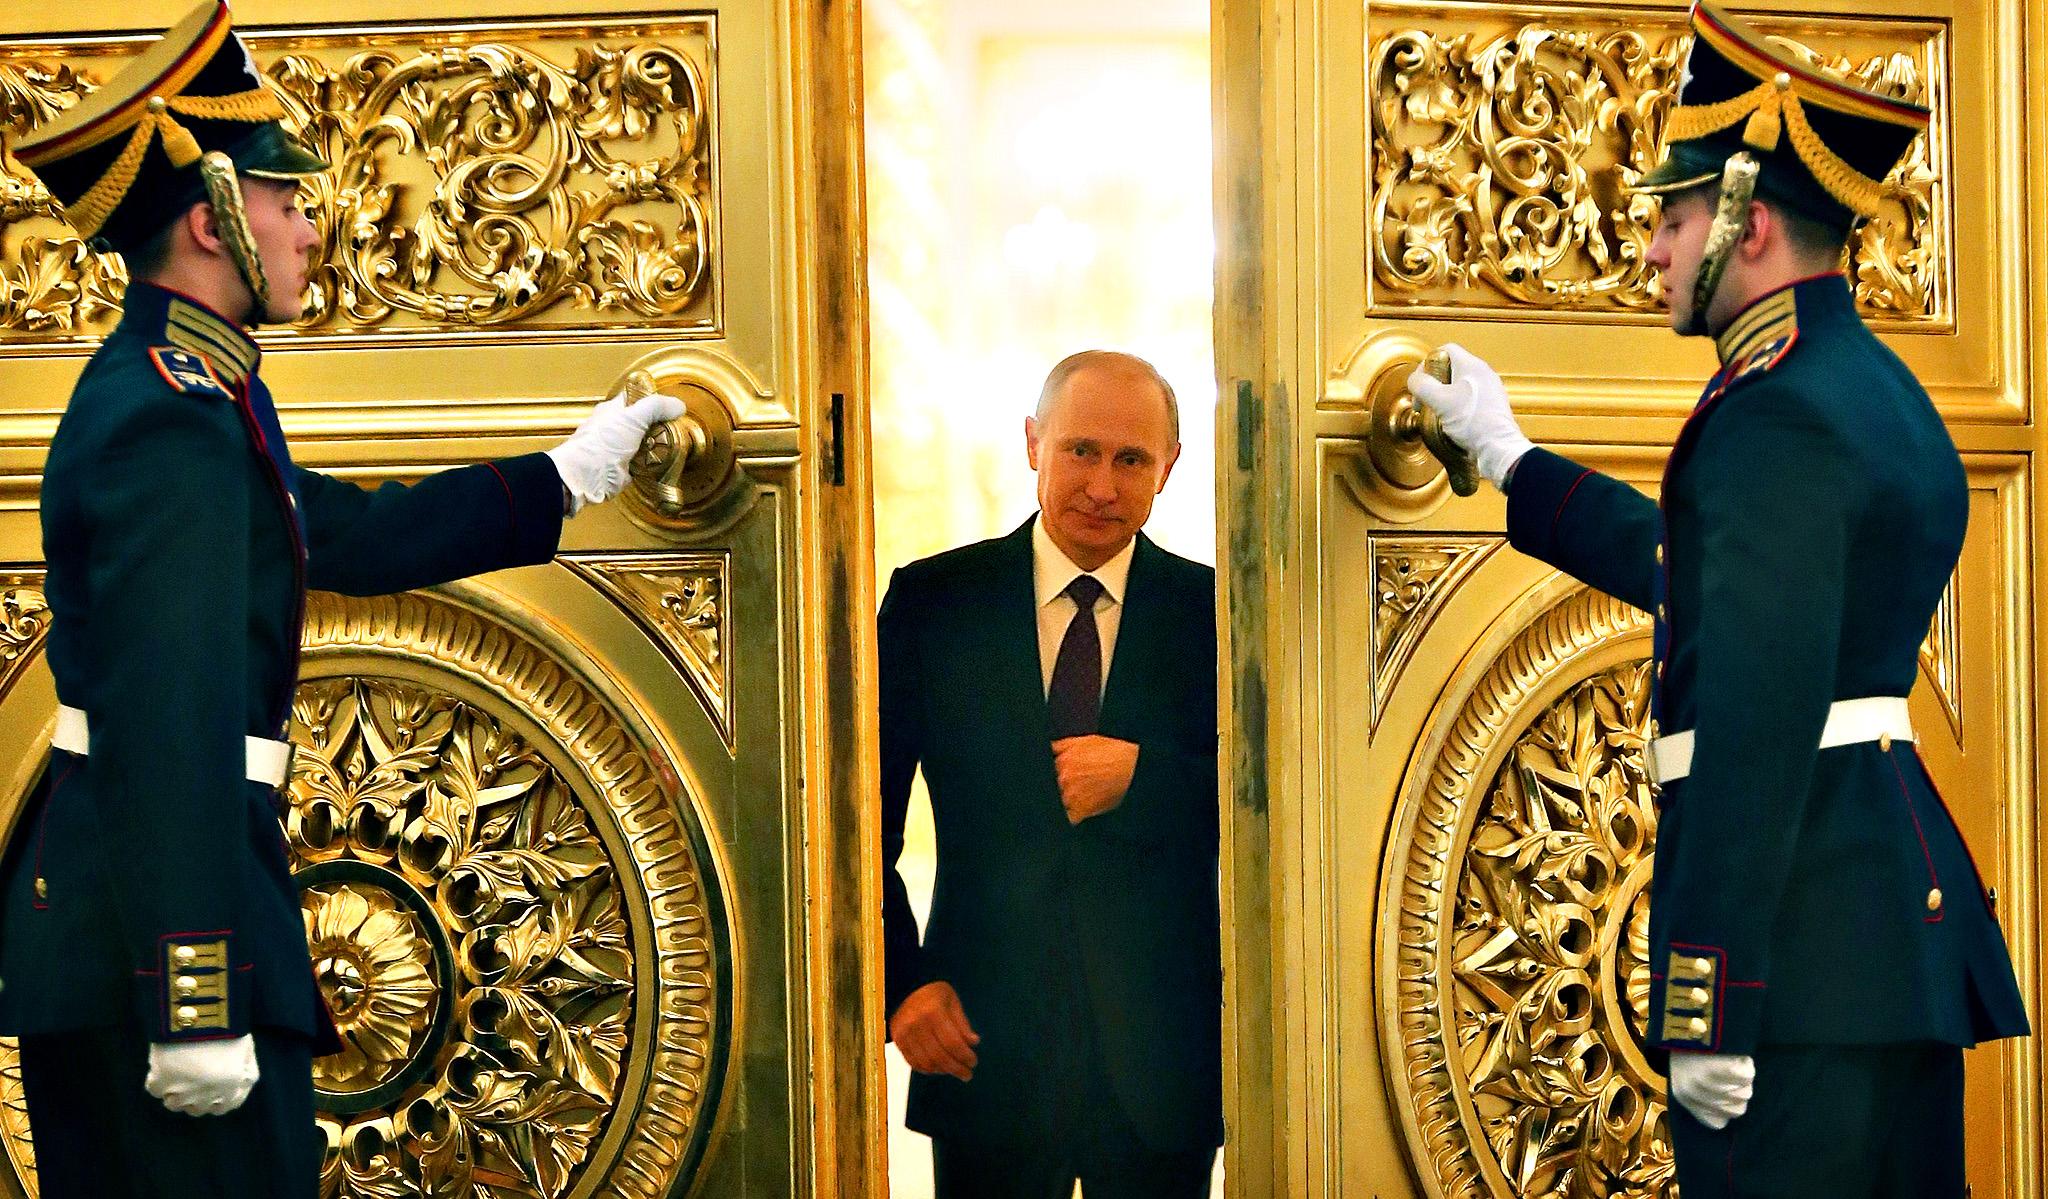 Los estadounidenses consideran a Rusia como el mayor enemigo de Estados Unidos en la actualidad